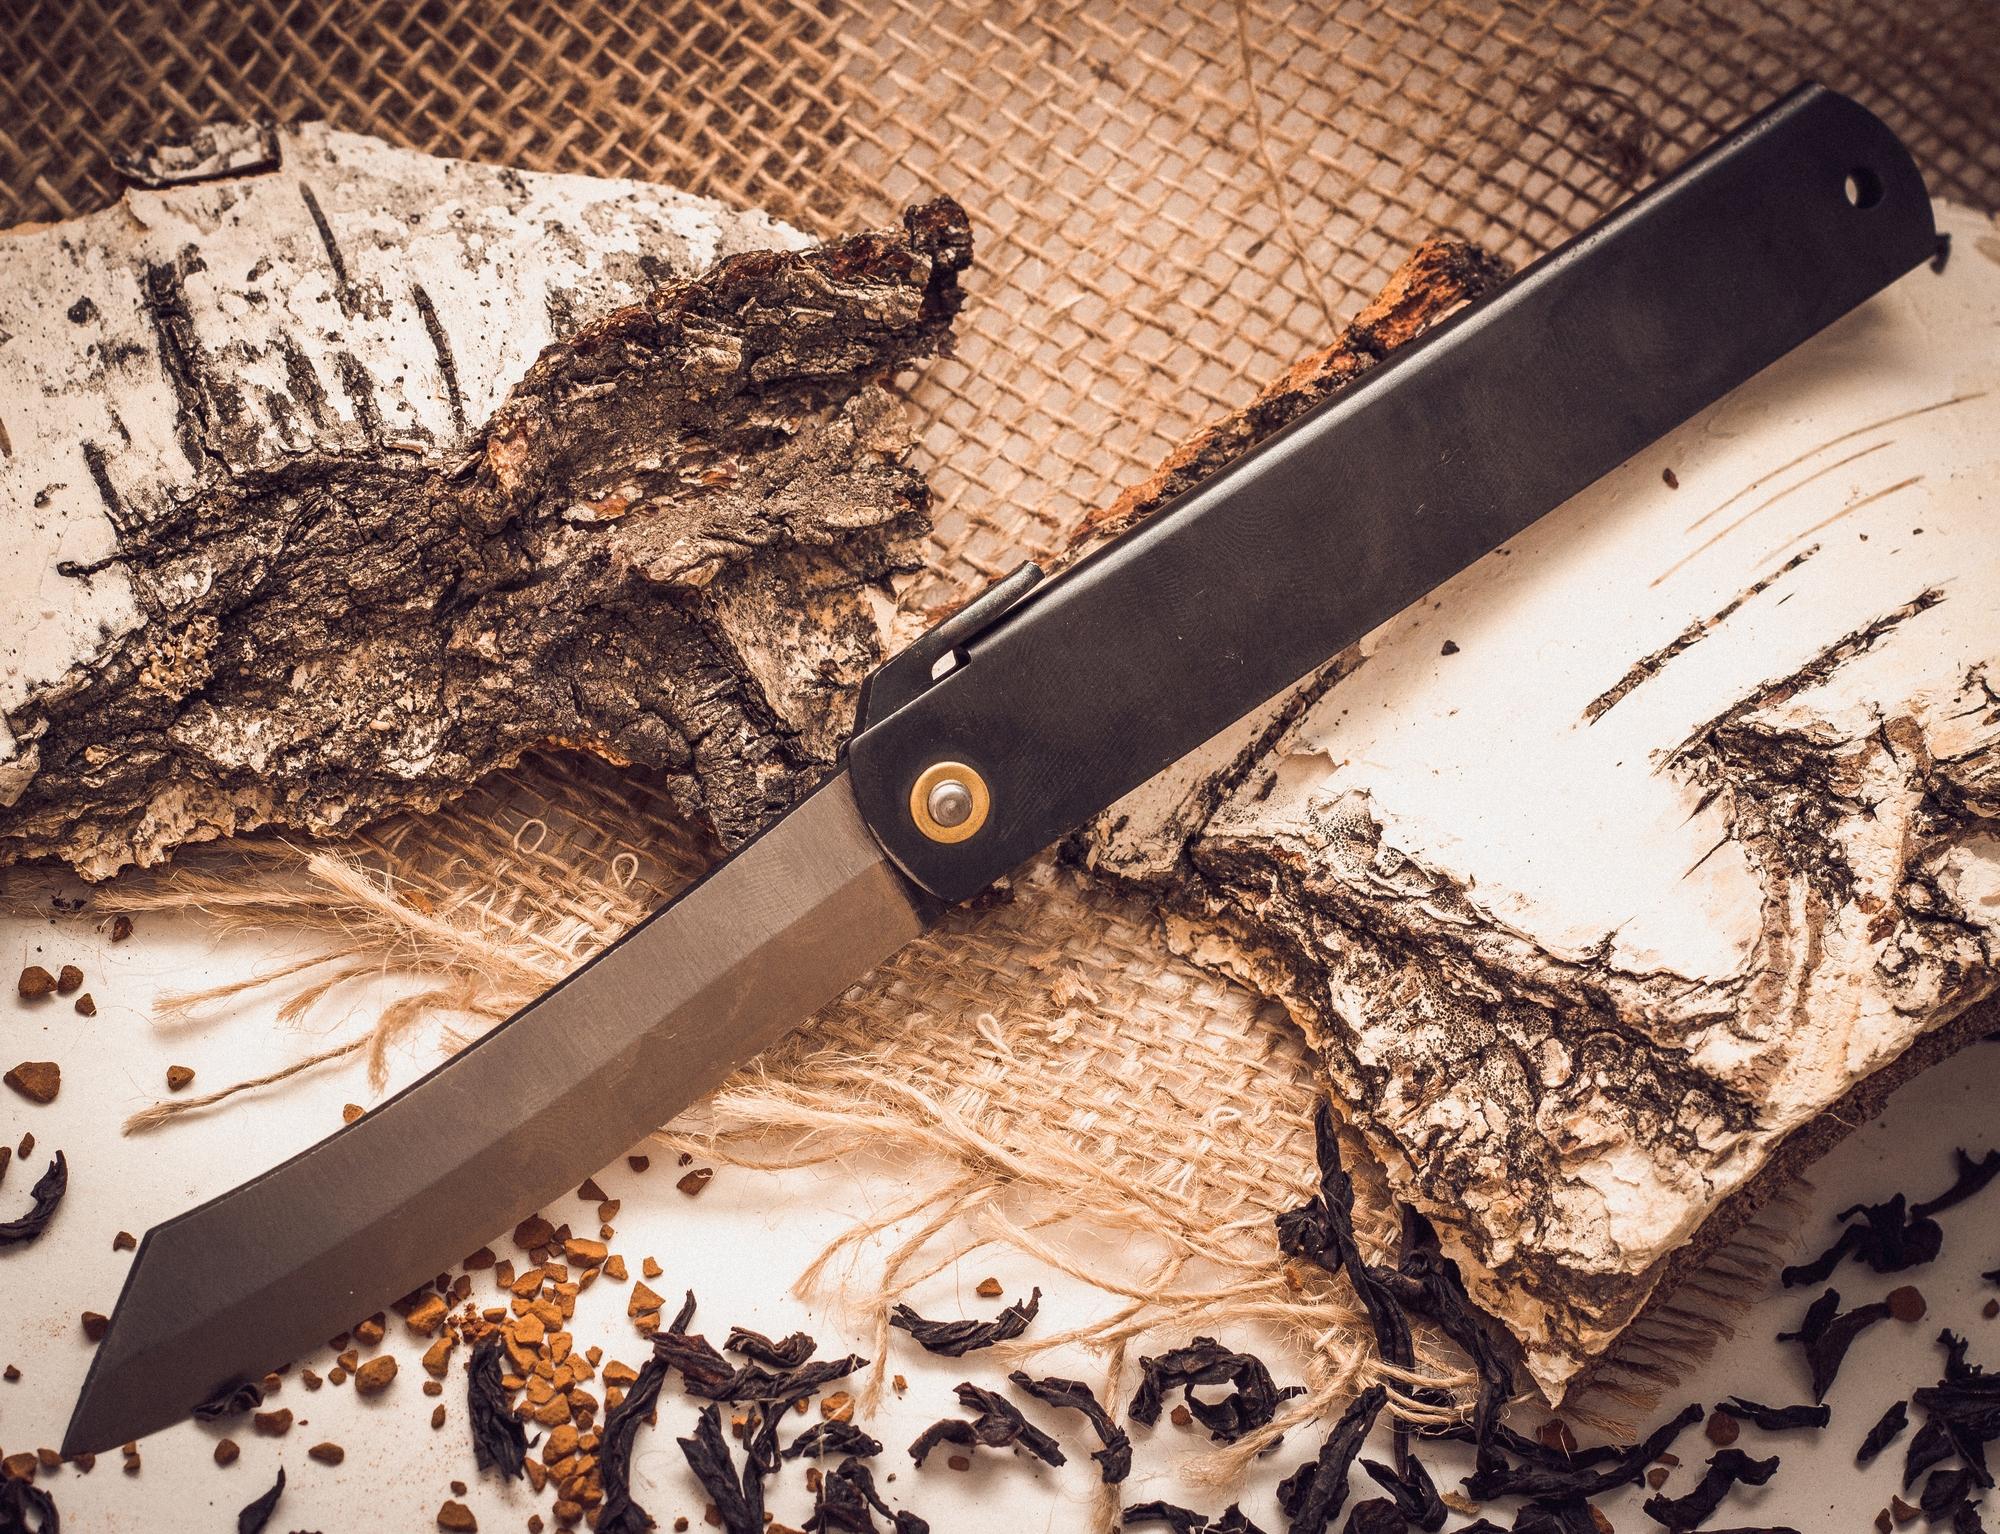 Нож складной, клинок 80мм Hight carbon, рукоять чернаяРаскладные ножи<br><br>